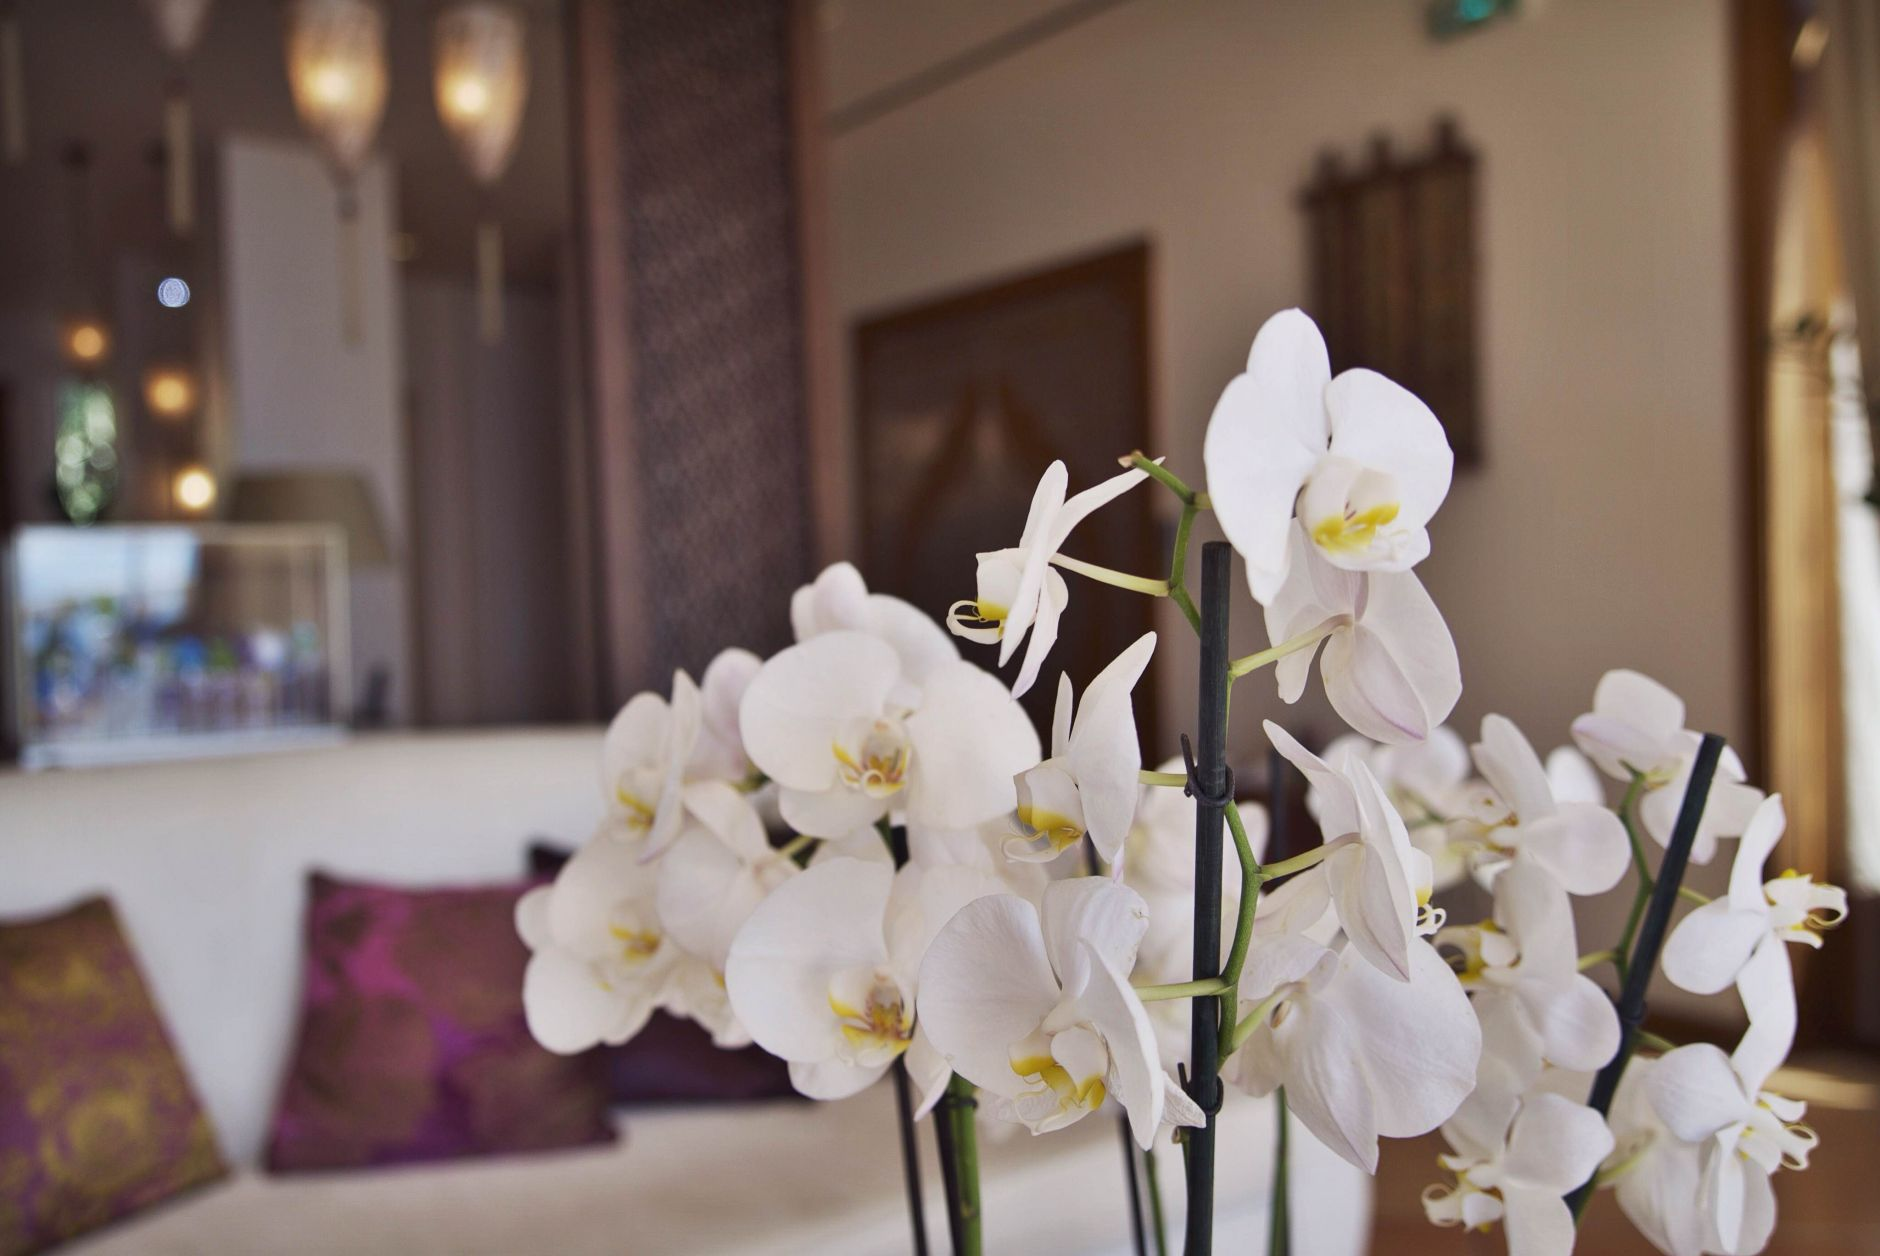 03-travel-lifestyle-hotel-tiara-yaktsa-cote-dazur-disi-couture